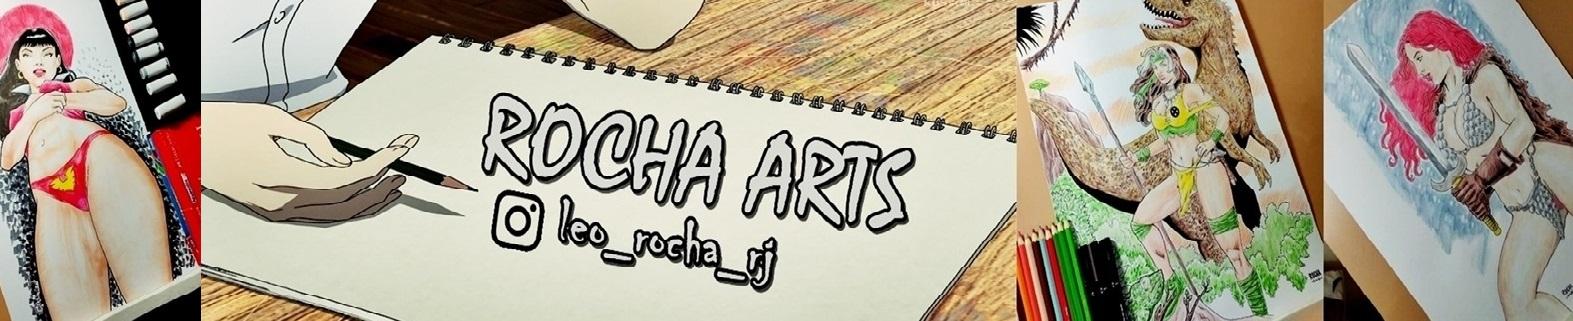 Leo Rocha Arts